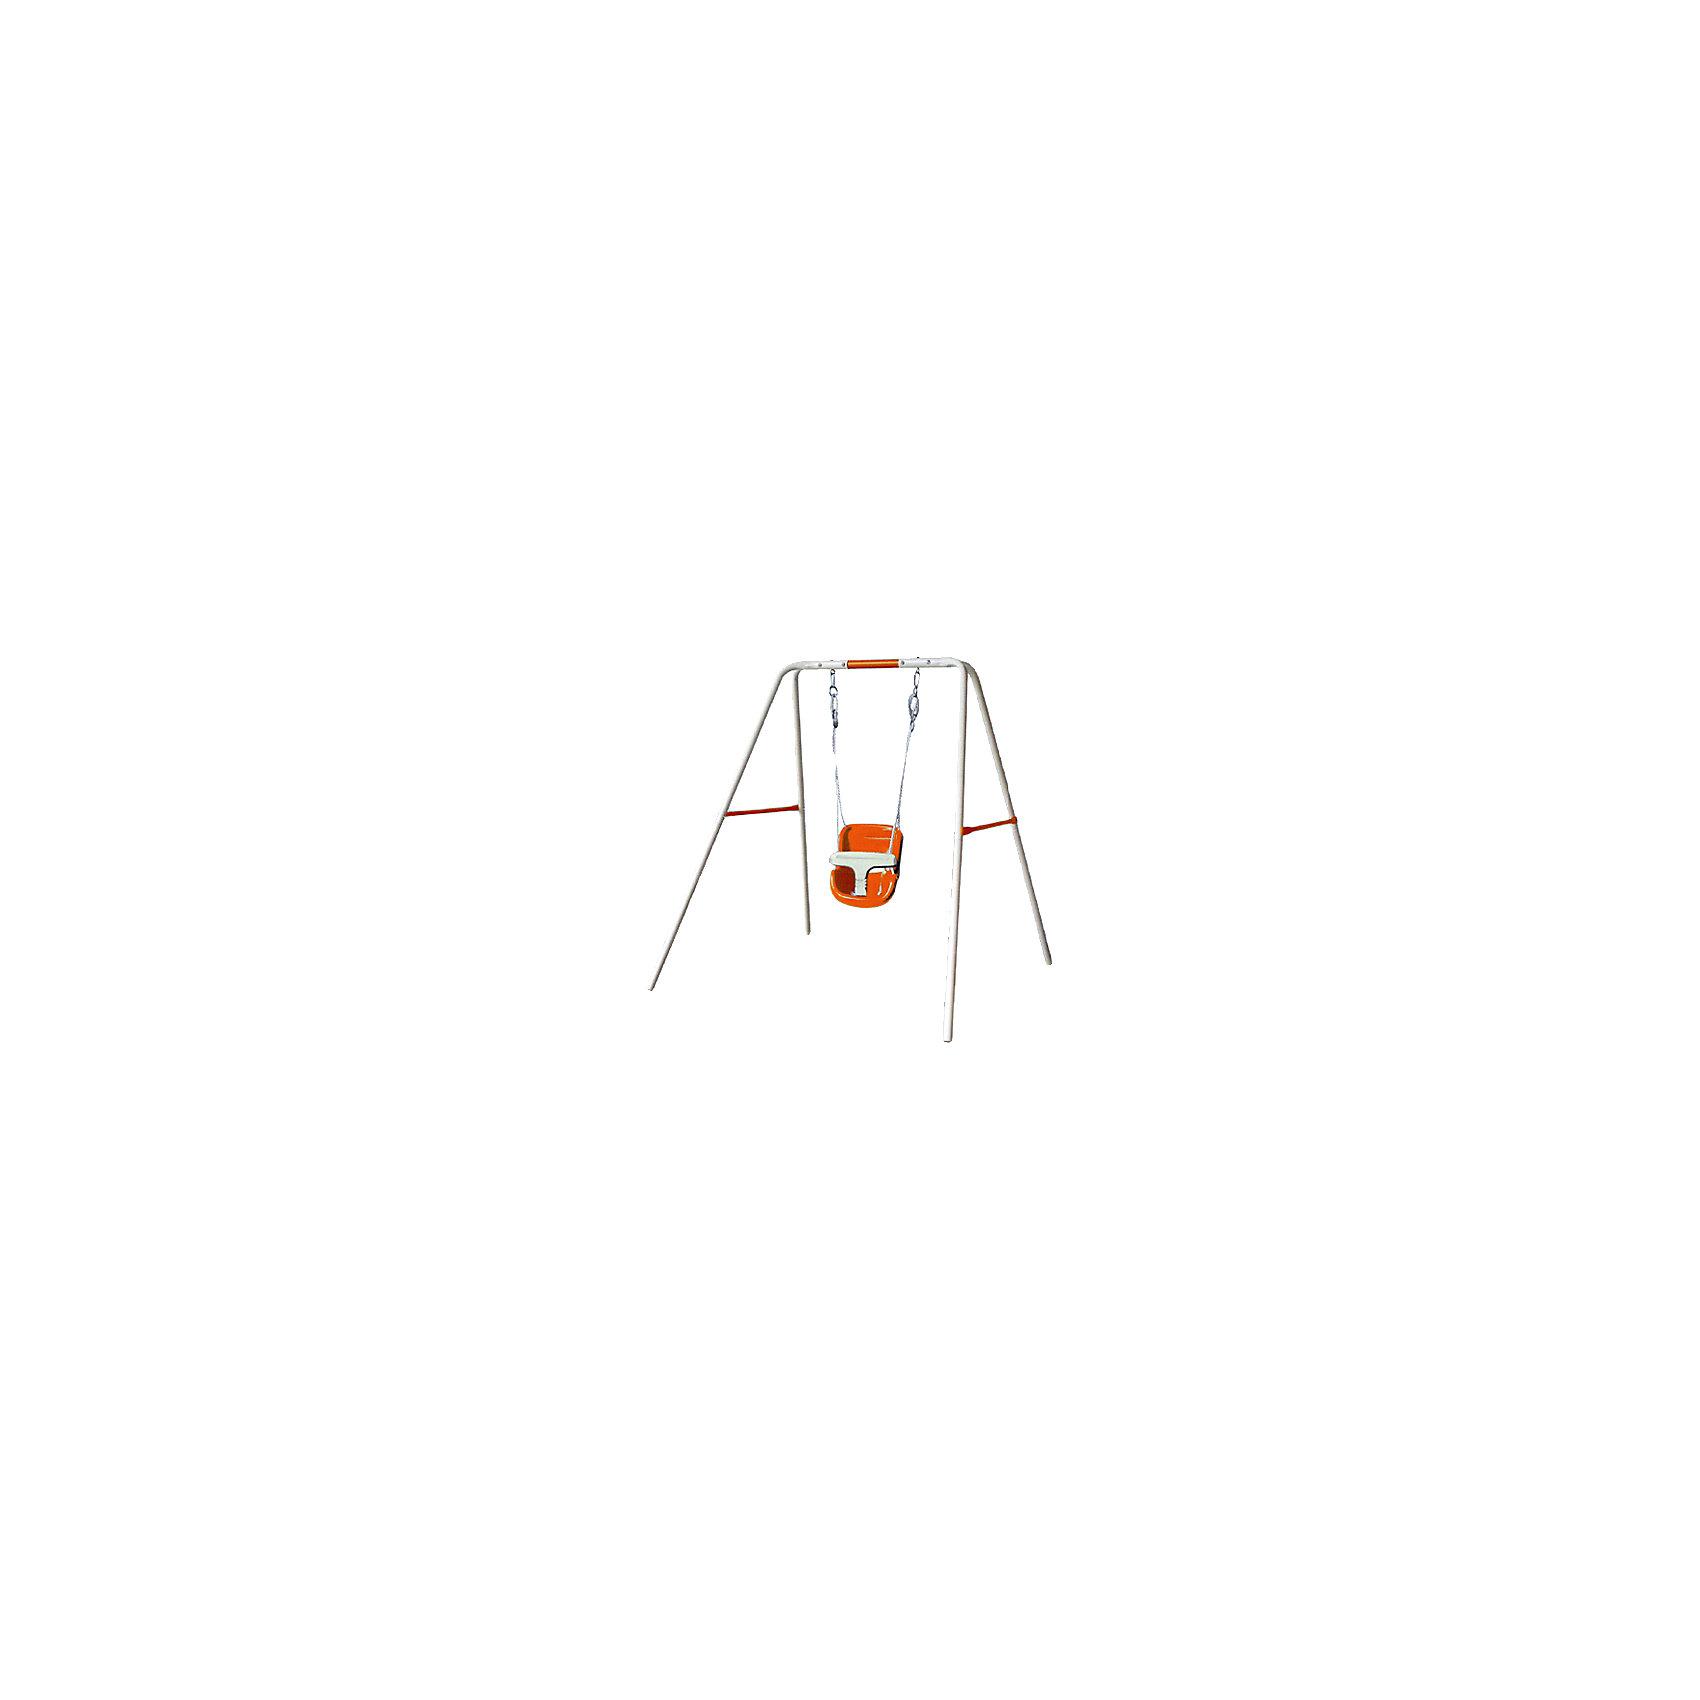 Качели детские 140 см, DondolandiaКачели детские 140 см, Dondolandia - замечательный детский аттракцион, удивительная игровая площадка для энергичного ребенка.<br>Качели от Dondolandia приведут в восторг вашего ребенка. Качели можно установить на улице или же дома. Модель имеет прочный устойчивый стальной каркас из устойчивого к деформации металла покрытый полиэстером. Пластиковое сиденье снабжено барьером безопасности. Качели легко собираются и разбираются, в разобранном виде занимают мало места при хранении и транспортировке. Подарите вашему ребенку море улыбок и хорошее настроение!<br><br>Дополнительная информация:<br><br>- Материал: сталь, покрытие – полиэстер, сидение - пластик<br>- Размер: 160x180x140 см.<br>- Максимальная нагрузка: 20 кг.<br>- Вес: 6 кг.<br><br>Качели детские 140 см, Dondolandia можно купить в нашем интернет-магазине.<br><br>Ширина мм: 940<br>Глубина мм: 370<br>Высота мм: 310<br>Вес г: 16000<br>Возраст от месяцев: 96<br>Возраст до месяцев: 144<br>Пол: Унисекс<br>Возраст: Детский<br>SKU: 4603654